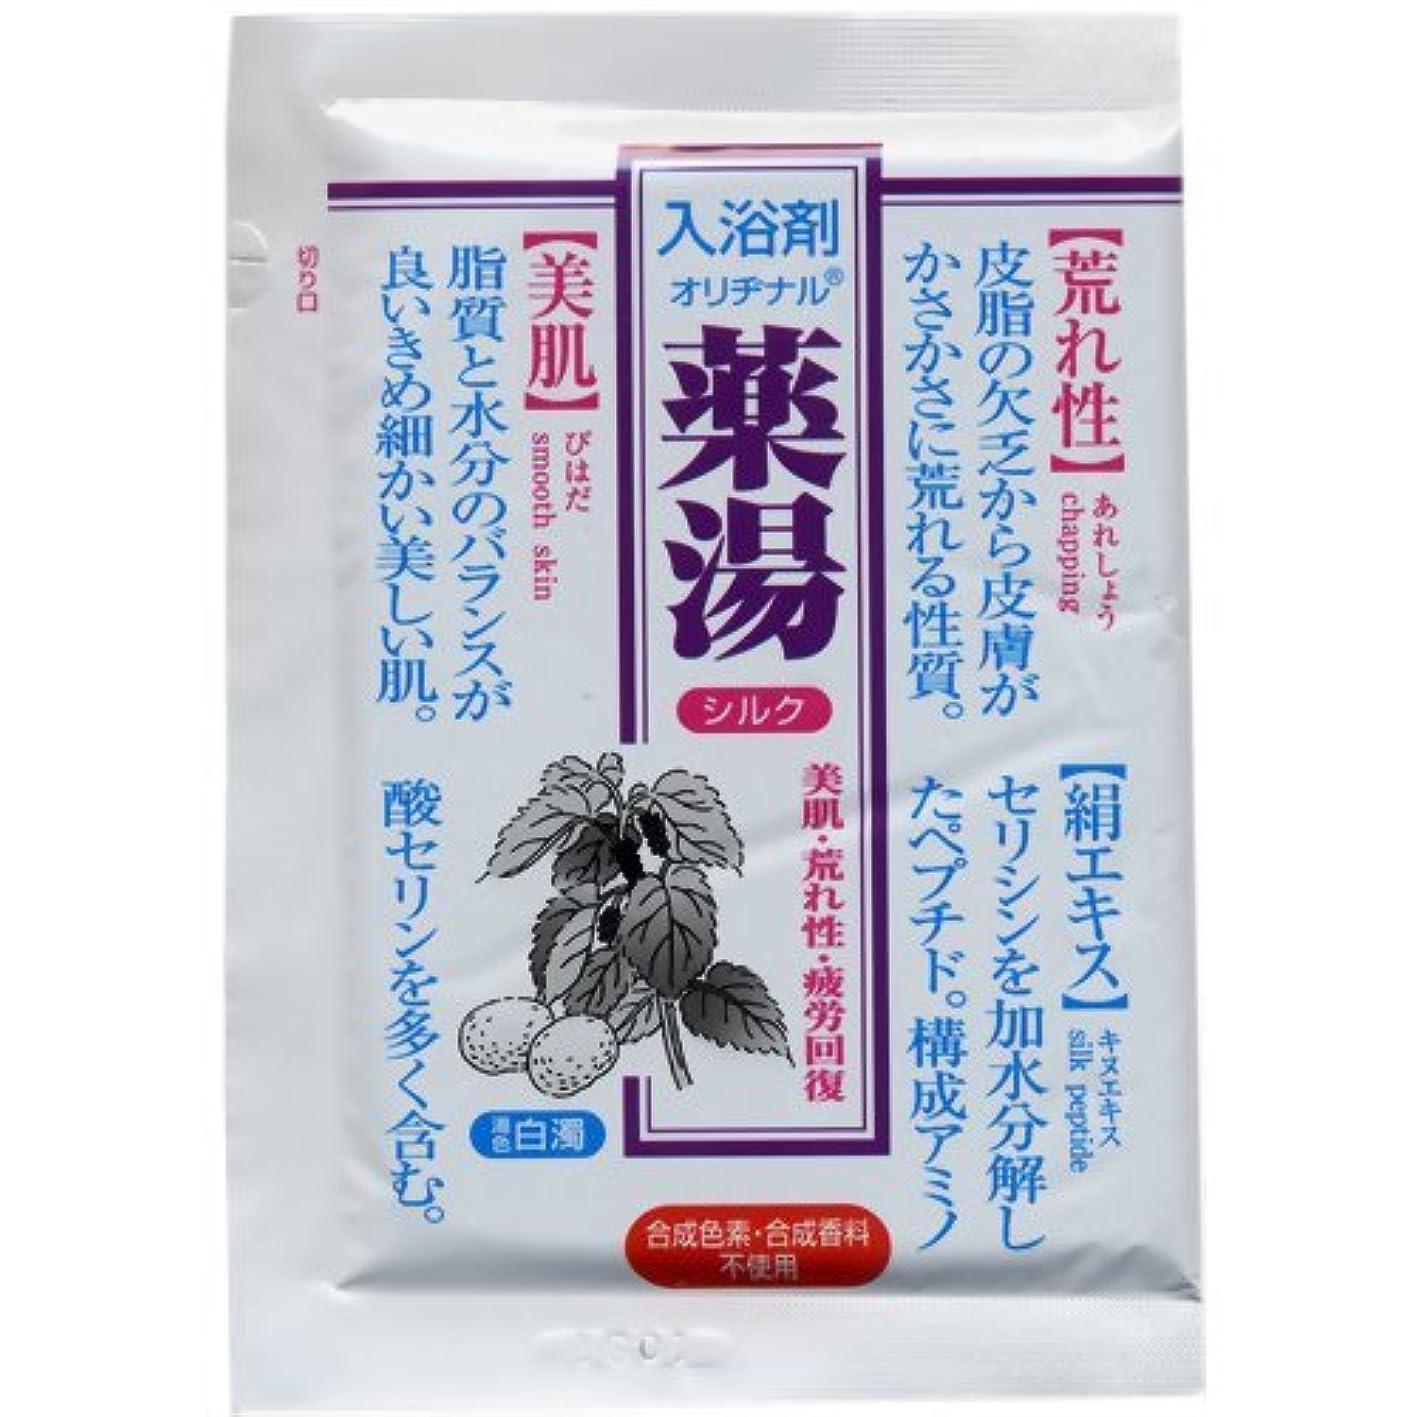 取り扱い地上の突っ込むオリヂナル 薬湯 シルク 30g